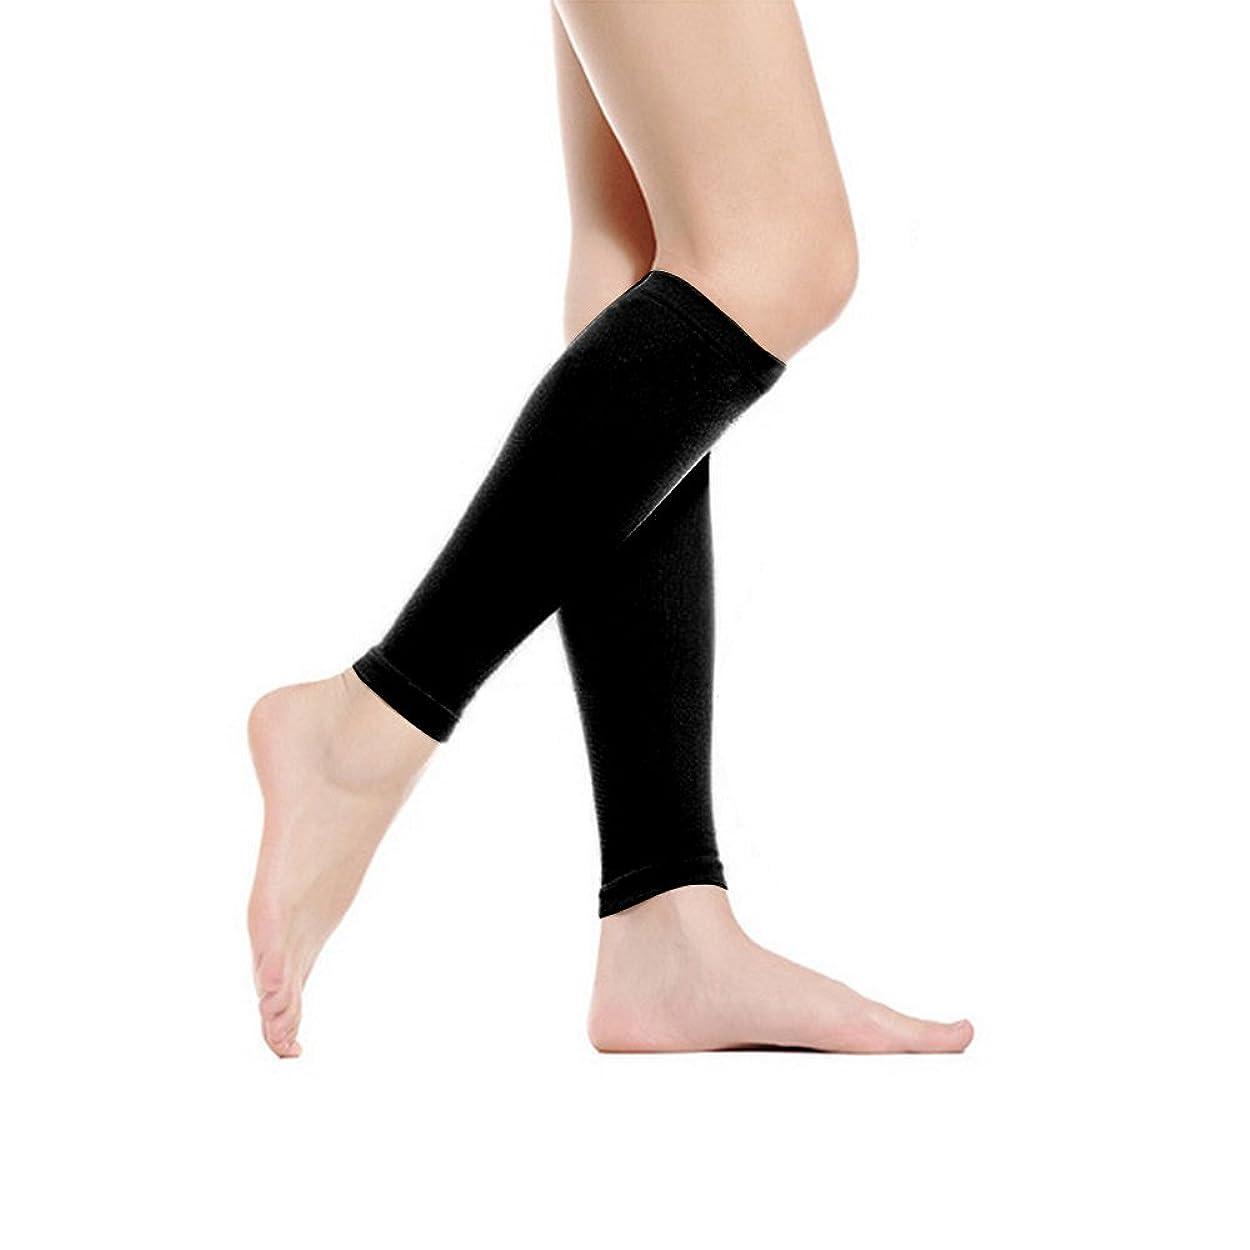 最適時系列承認着圧 ソックス むくみ解消 ふくらはぎ マッサージ 寝ながら美脚ソックス 着圧サポーター 引き締め 加圧 美脚 段階圧力設計 靴下 ブラック